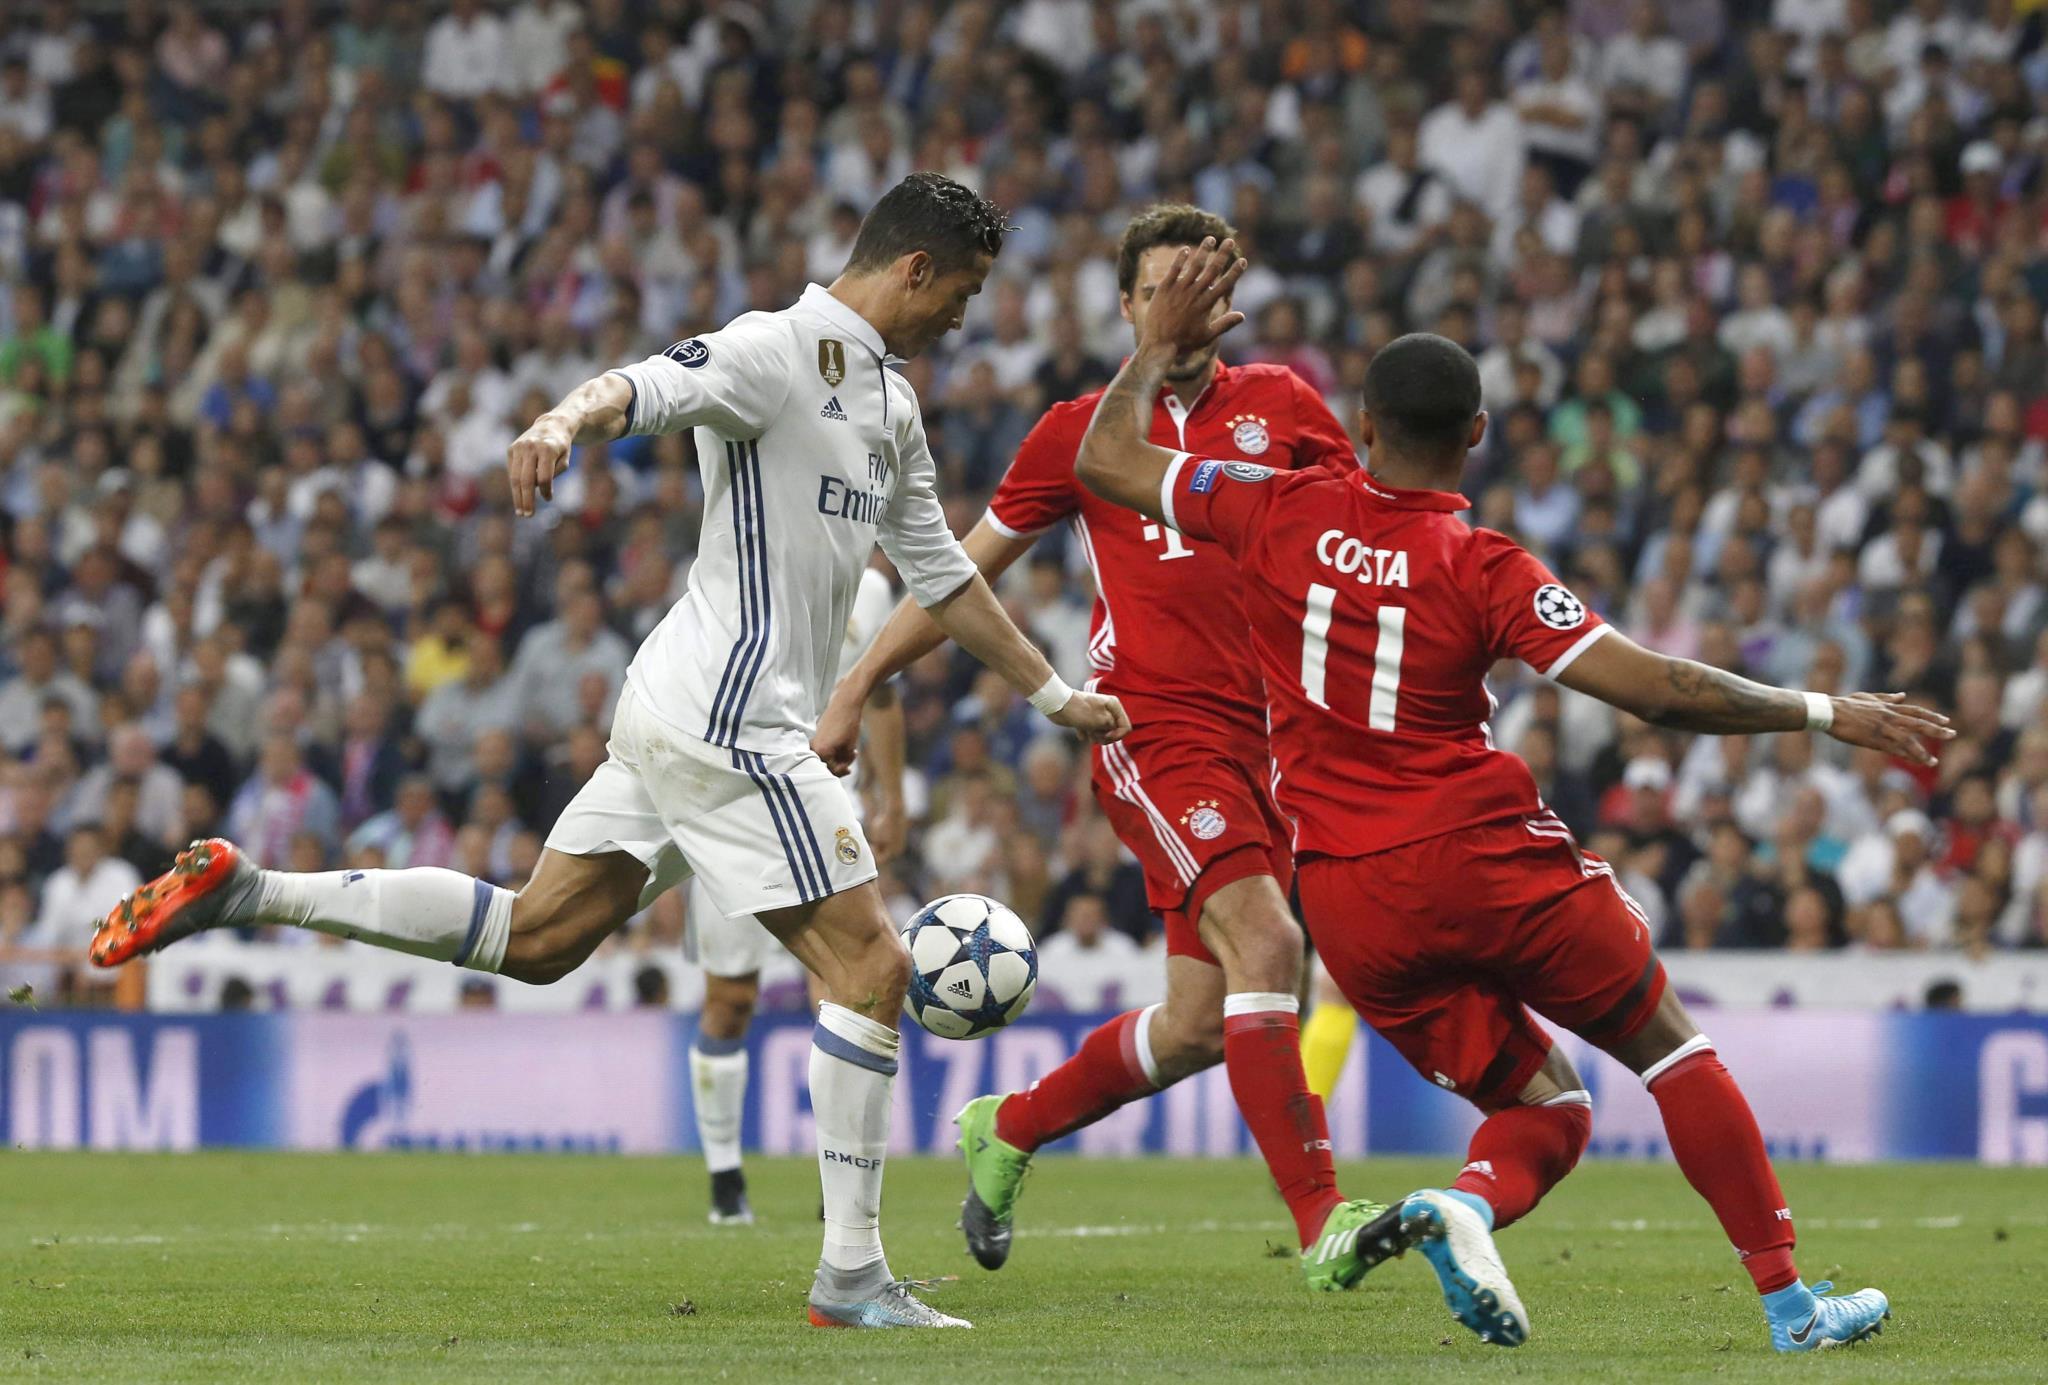 Mais tarde, Cristiano dominou a bola no peito e atirou para o segundo golo do Real e da conta pessoal